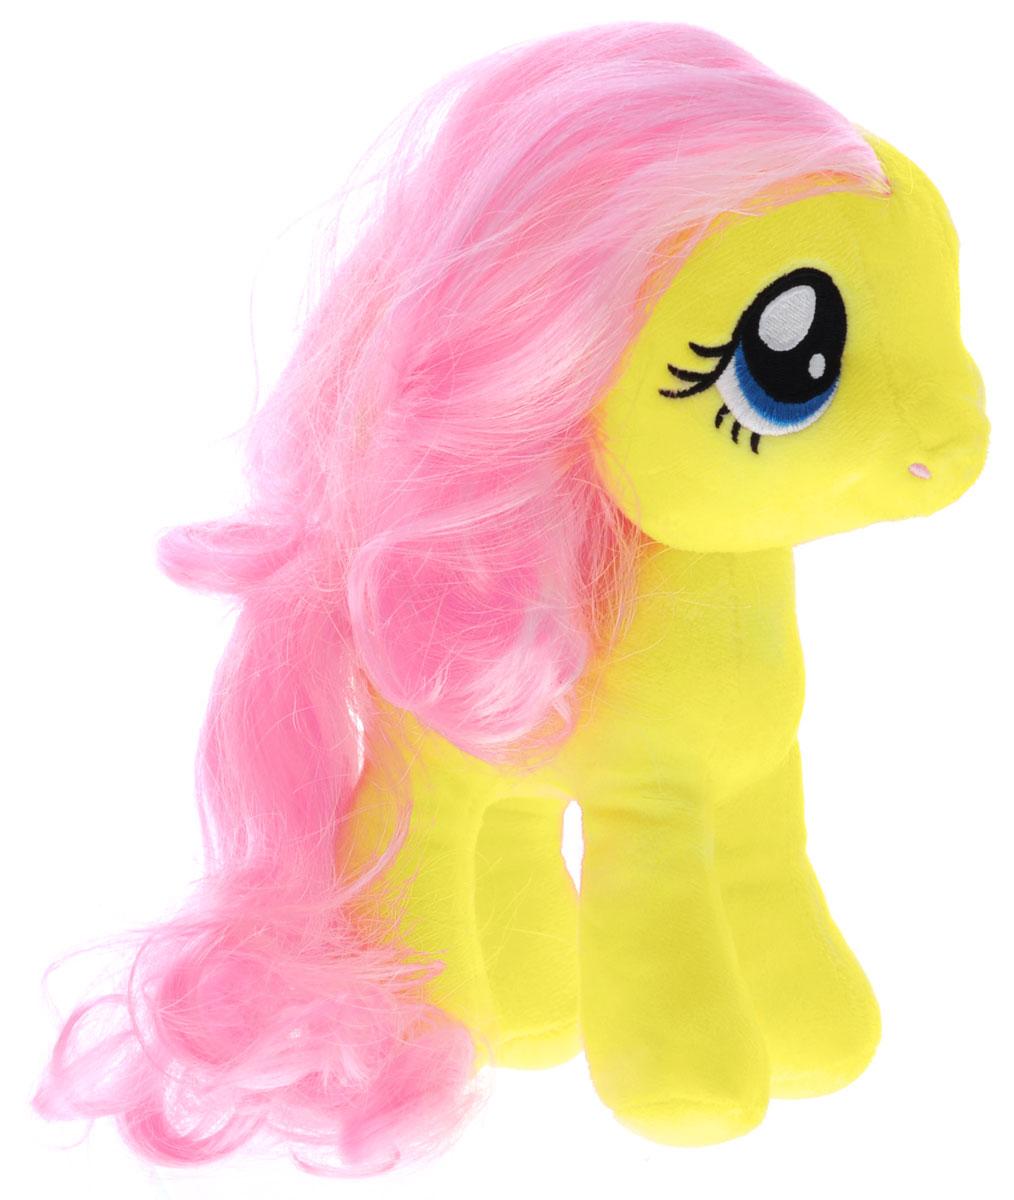 My Little Pony Мягкая игрушка Пони Флаттершай цвет желтый 22 смK28180BМягкая игрушка My Little Pony Пони Флаттершай подарит вашему ребенку много радости и веселья. Она выполнена в виде персонажа мультфильма My Little Pony - пони Флаттершай. Игрушка удивительно приятна на ощупь. Она изготовлена из мягкого текстильного материала, глазки вышиты нитками. Чудесная мягкая игрушка принесет радость и подарит своему обладателю мгновения нежных объятий и приятных воспоминаний. Флаттершай - это желтая пони, у которой грива и хвост окрашены в розовый цвет. Глаза Флатти бирюзового цвета. Она очень любит зверей и всячески им помогает. Флаттершай очень добрая и стеснительная. Ее знак отличия - три бабочки. Порадуйте вашего ребенка таким замечательным подарком!